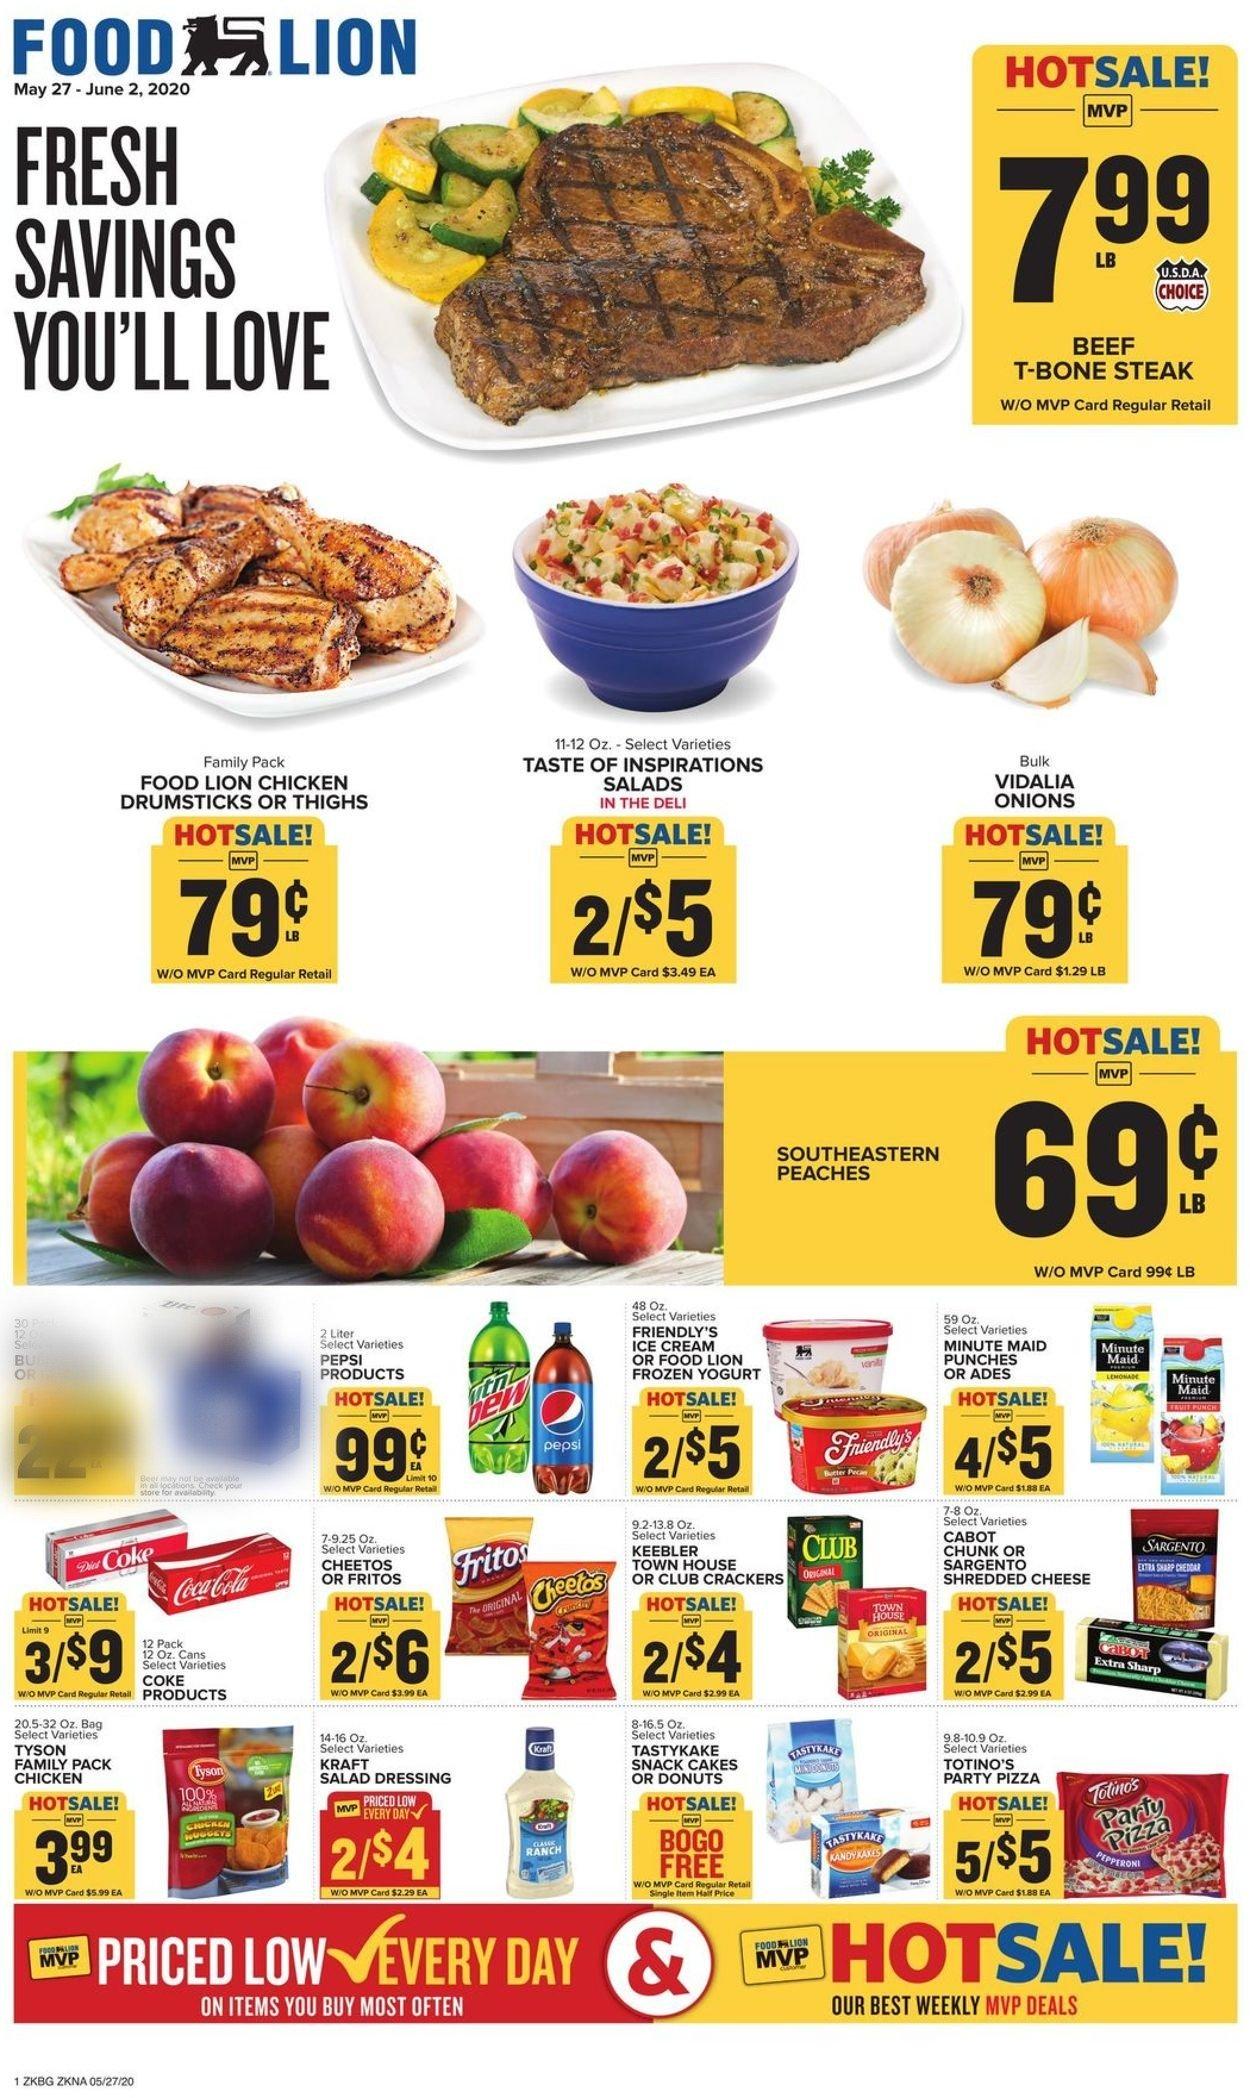 Food Lion Ad Circular 05 27 06 02 2020 Rabato